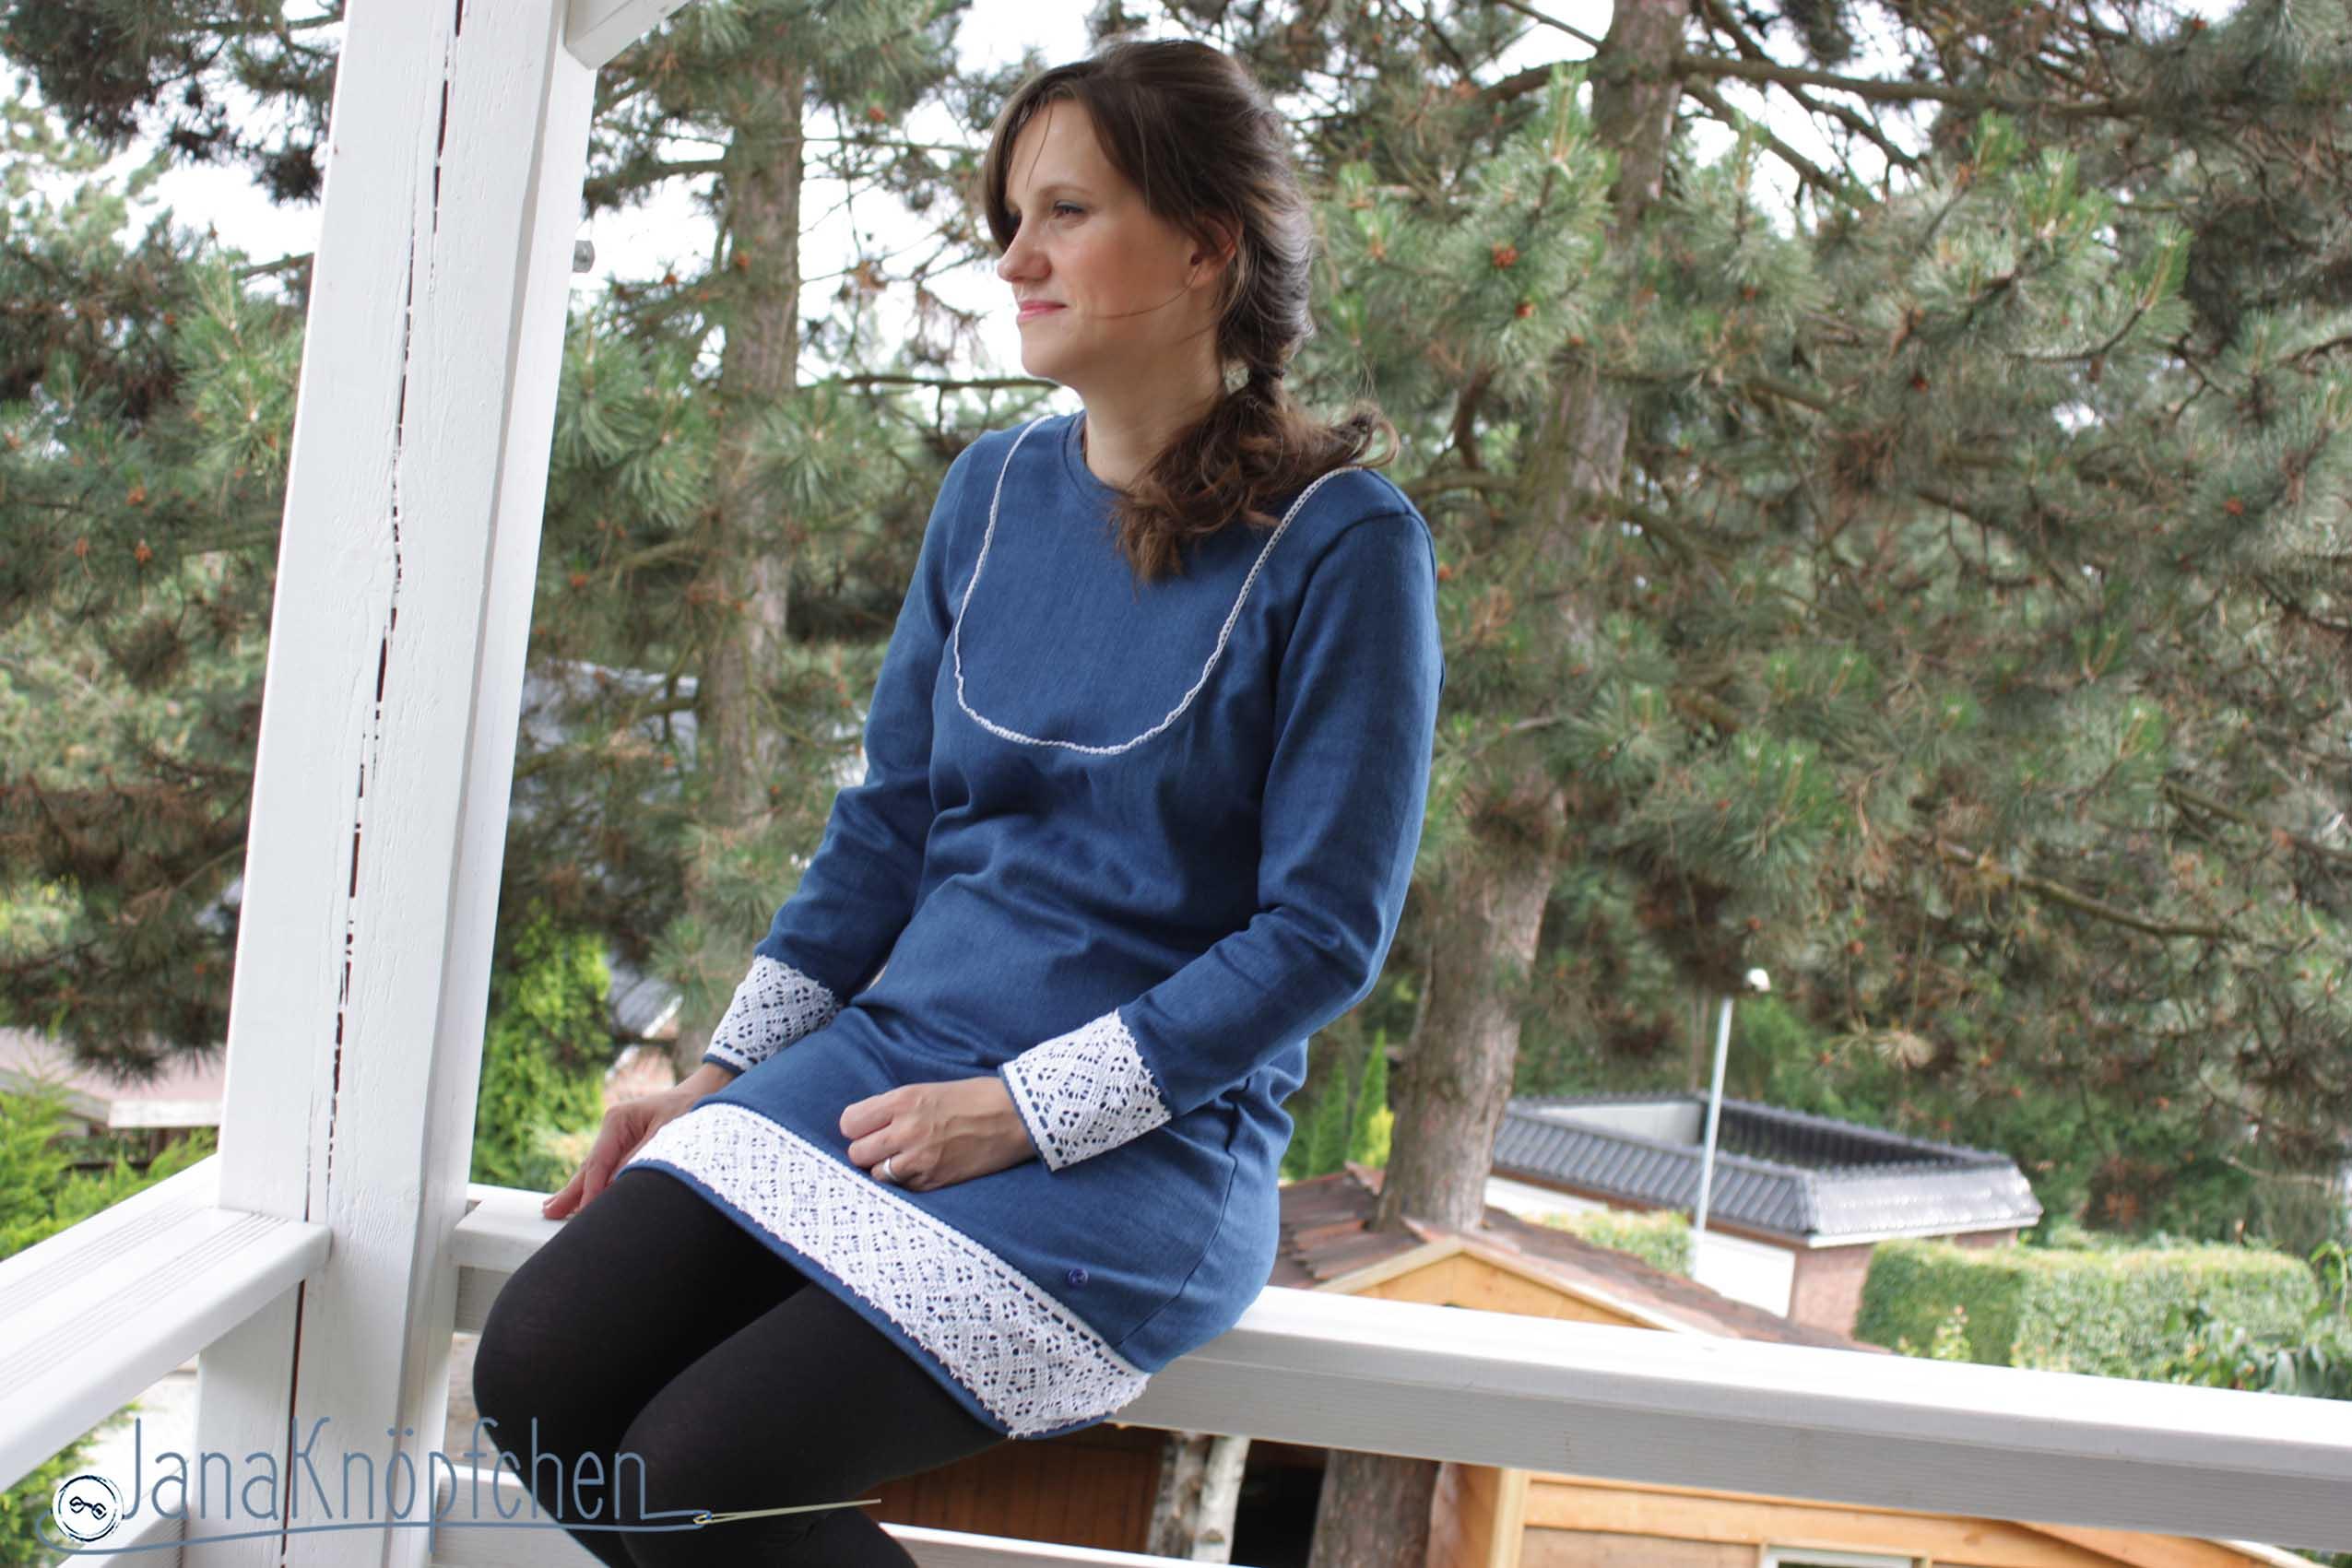 Kleid Mathilda nähen aus Jeans für 12 Colorsofhandmadefashion im Juni. JanaKnöpfchen - Nähen für Jungs. Nähblog